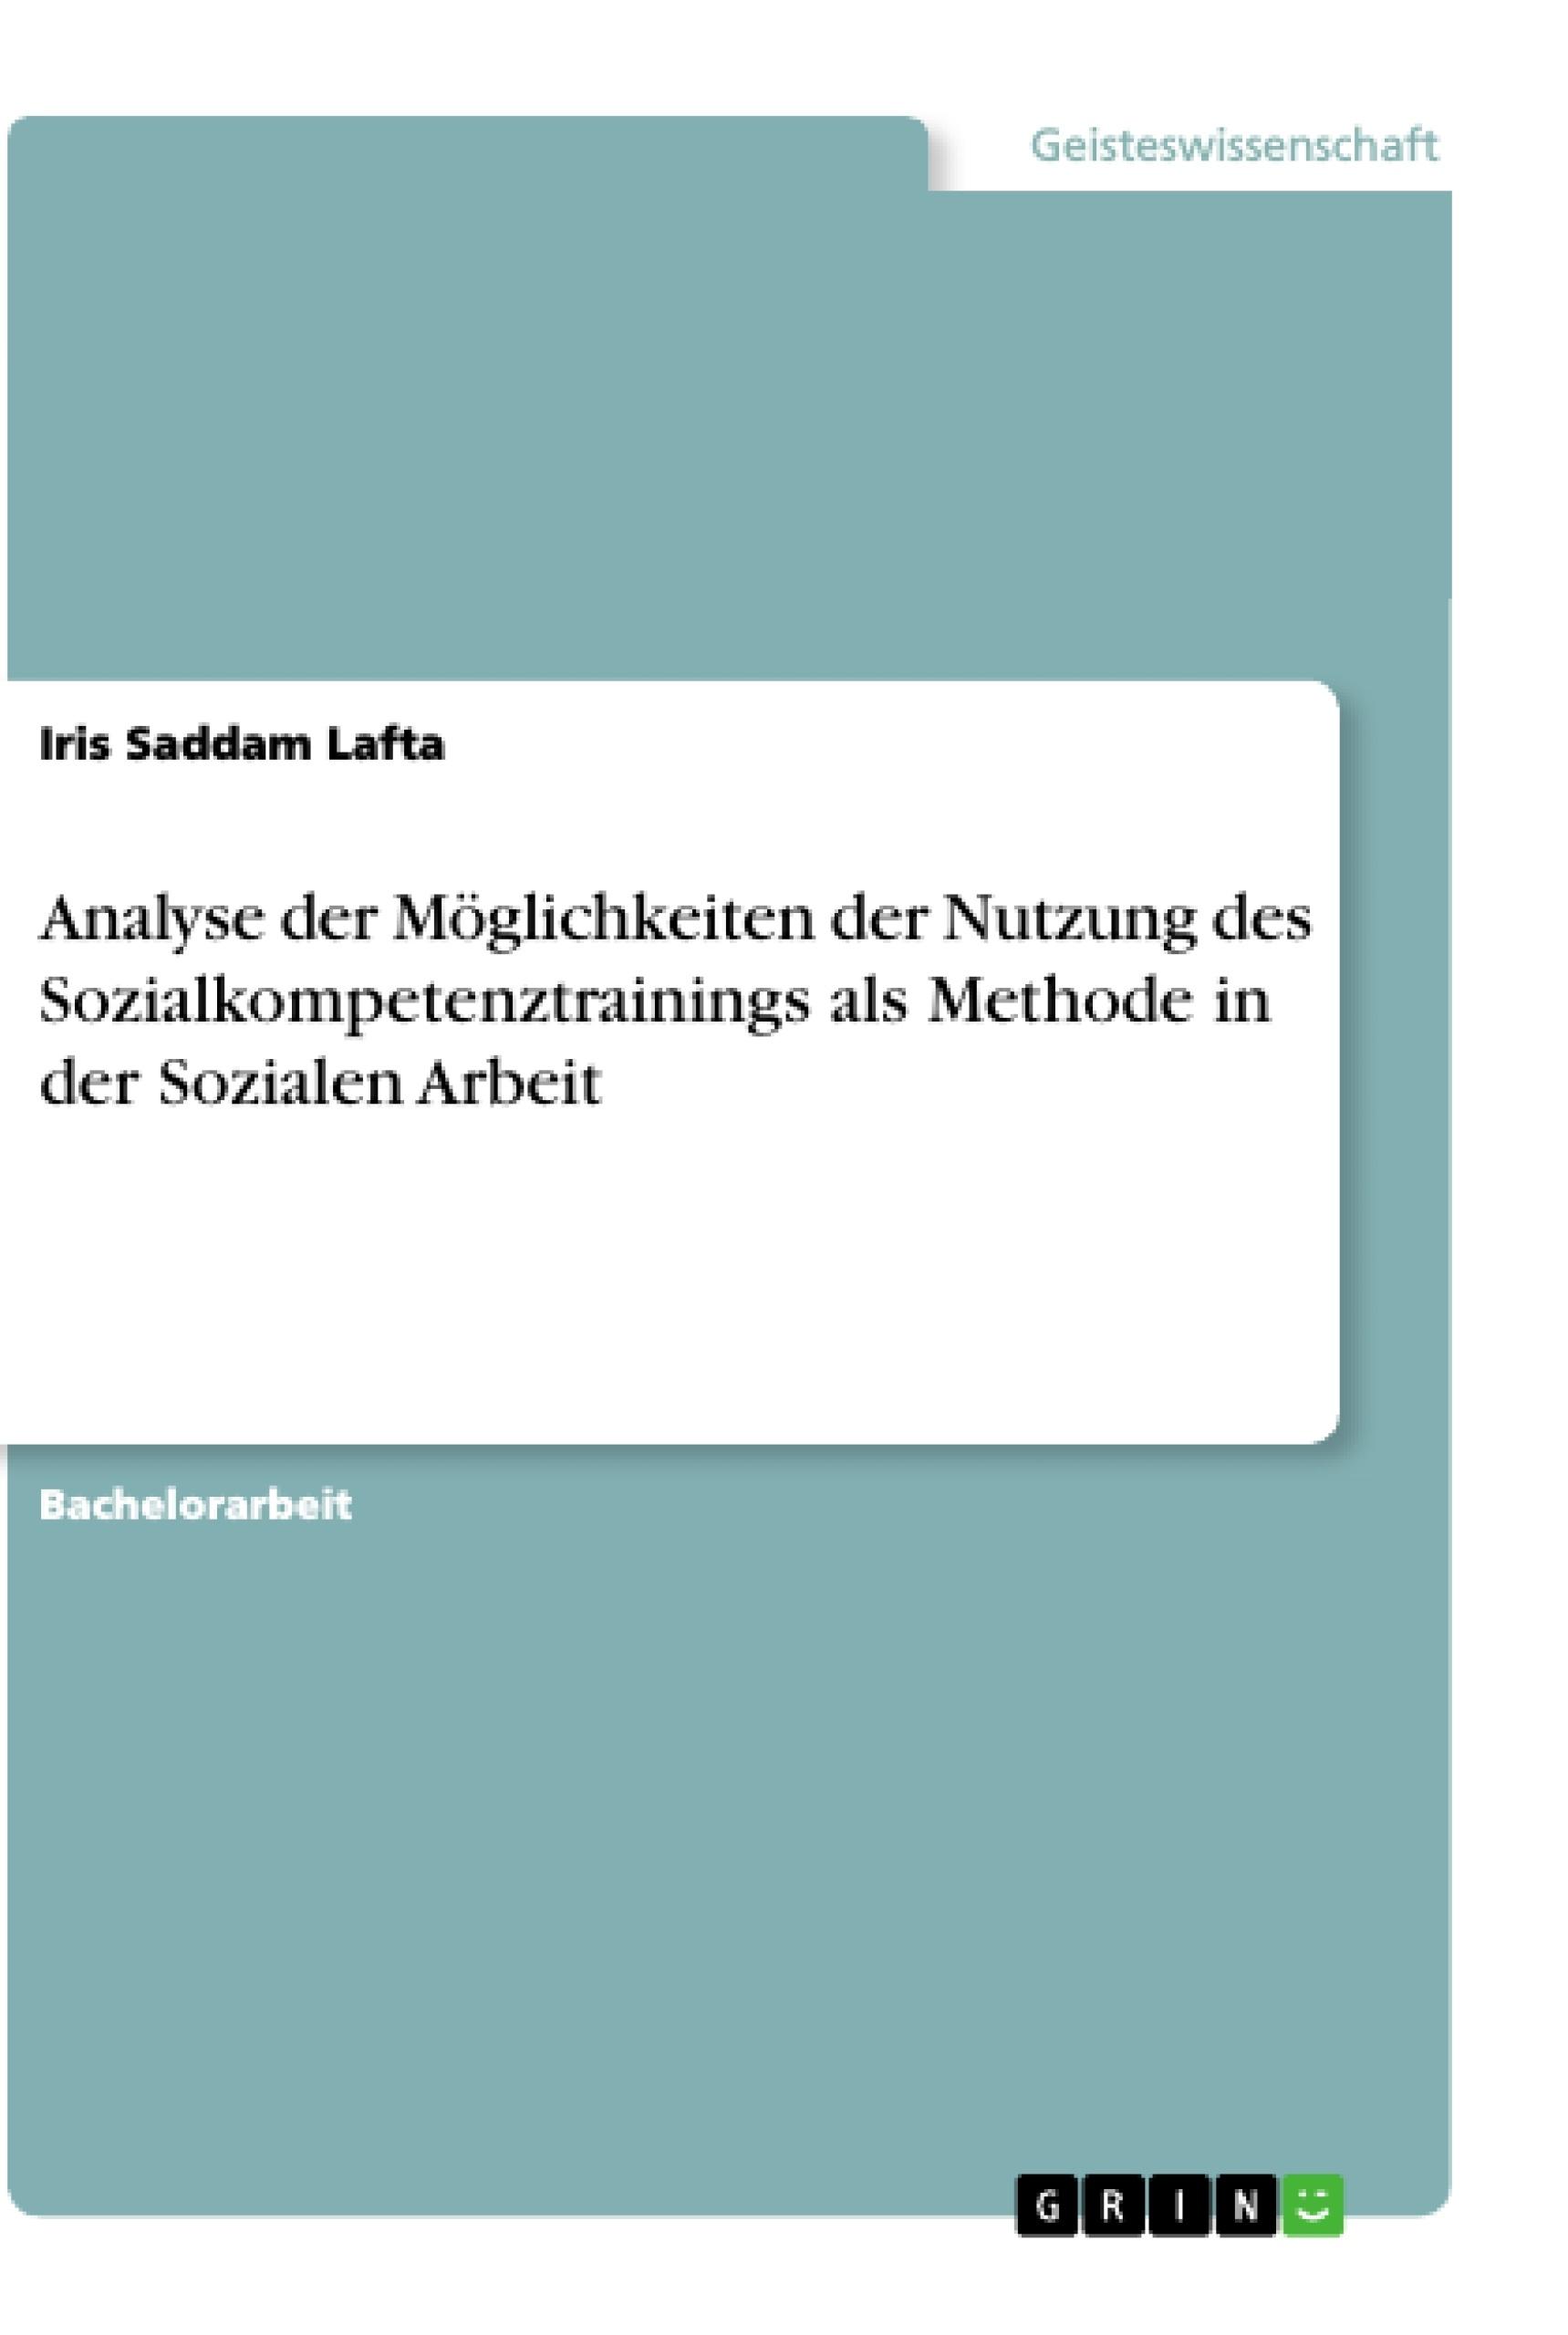 Titel: Analyse der Möglichkeiten der Nutzung des Sozialkompetenztrainings als Methode in der Sozialen Arbeit